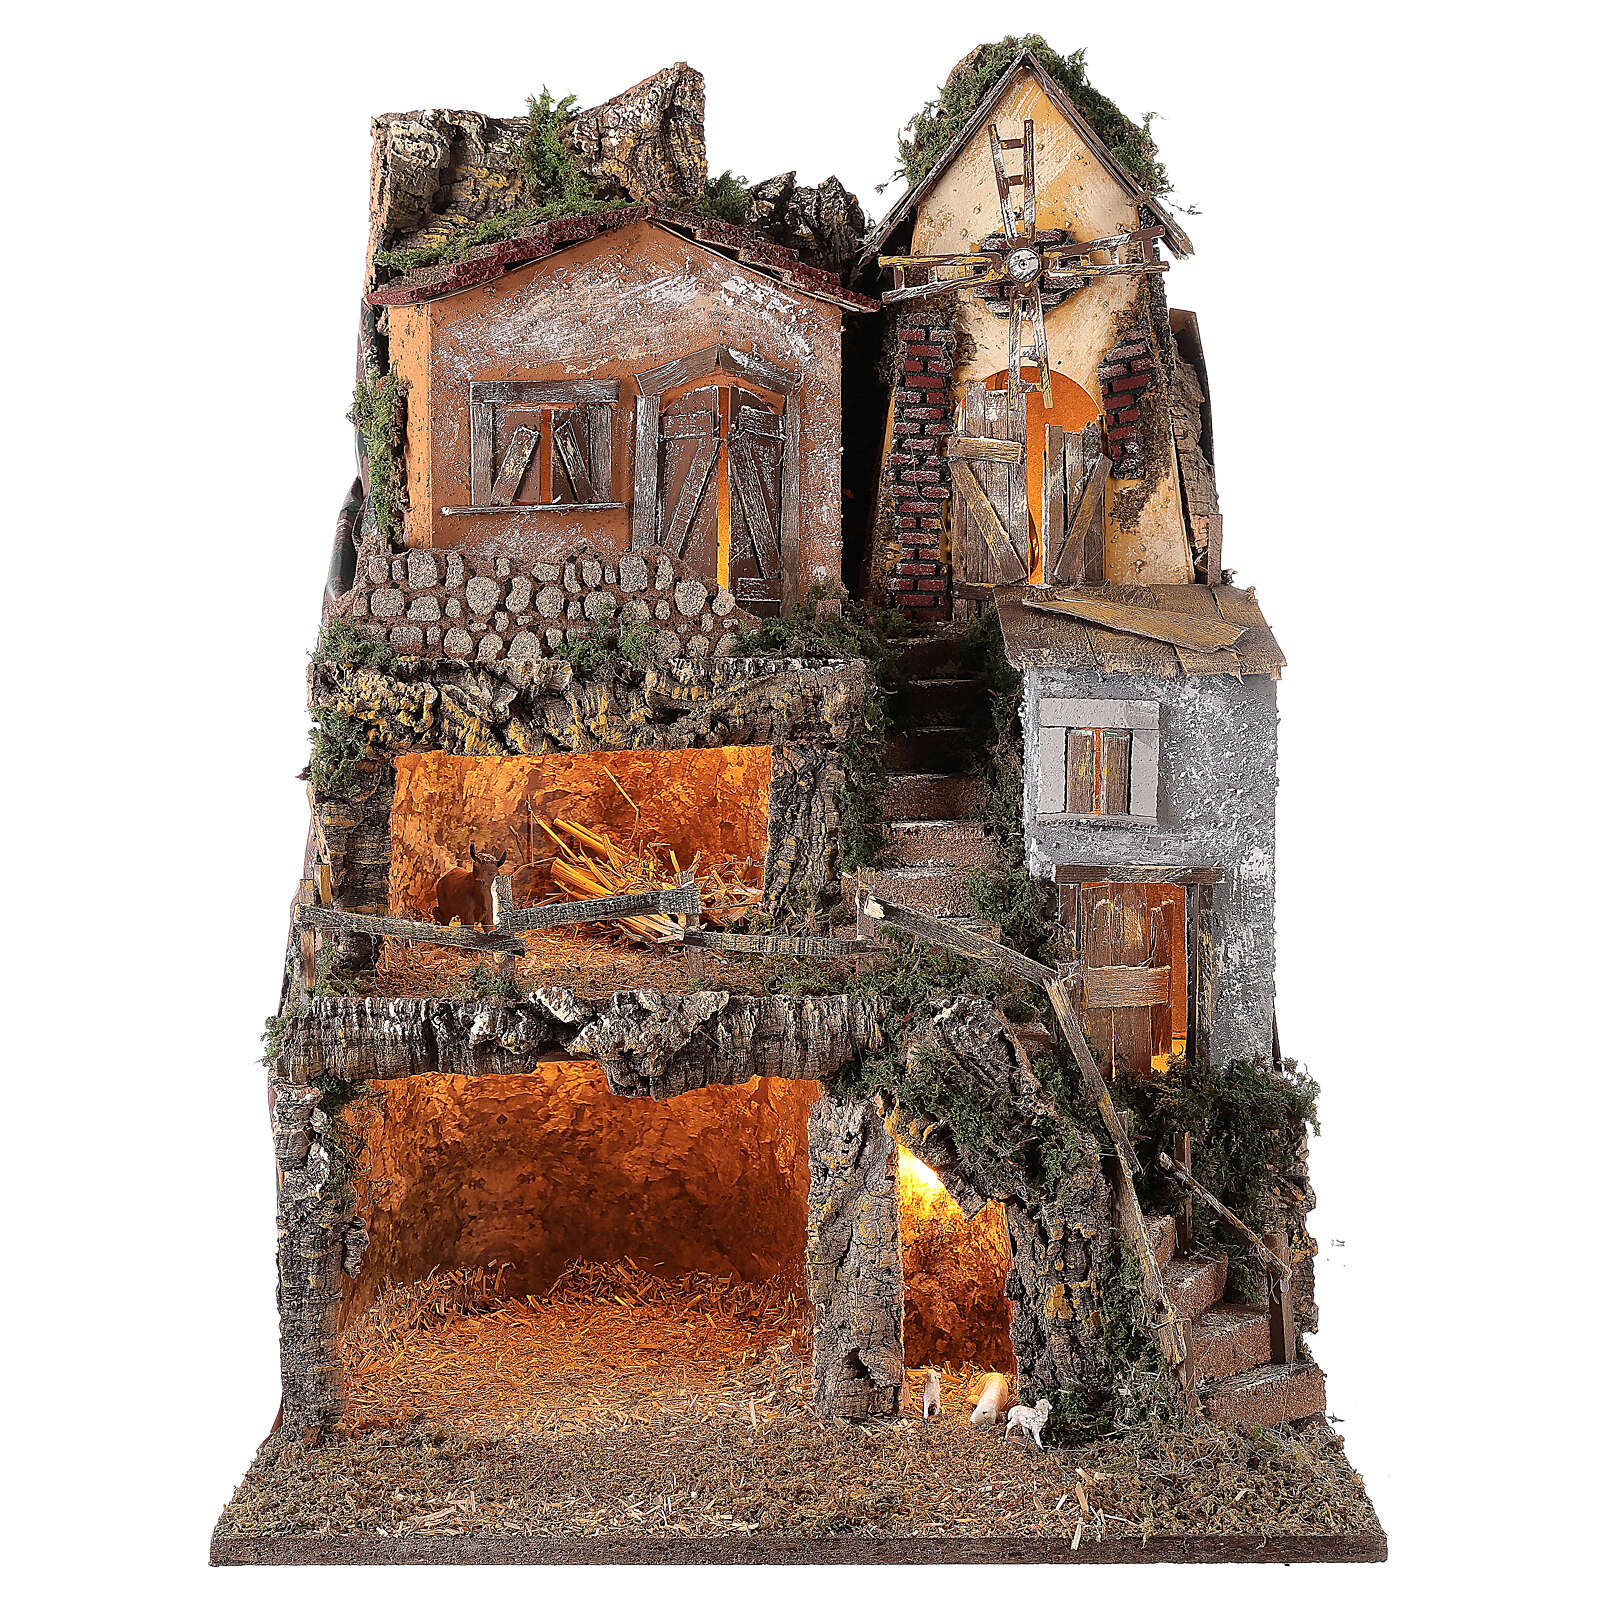 Presepe borgo modulare completo stile classico 70x180x50 cm figure 10 cm 4